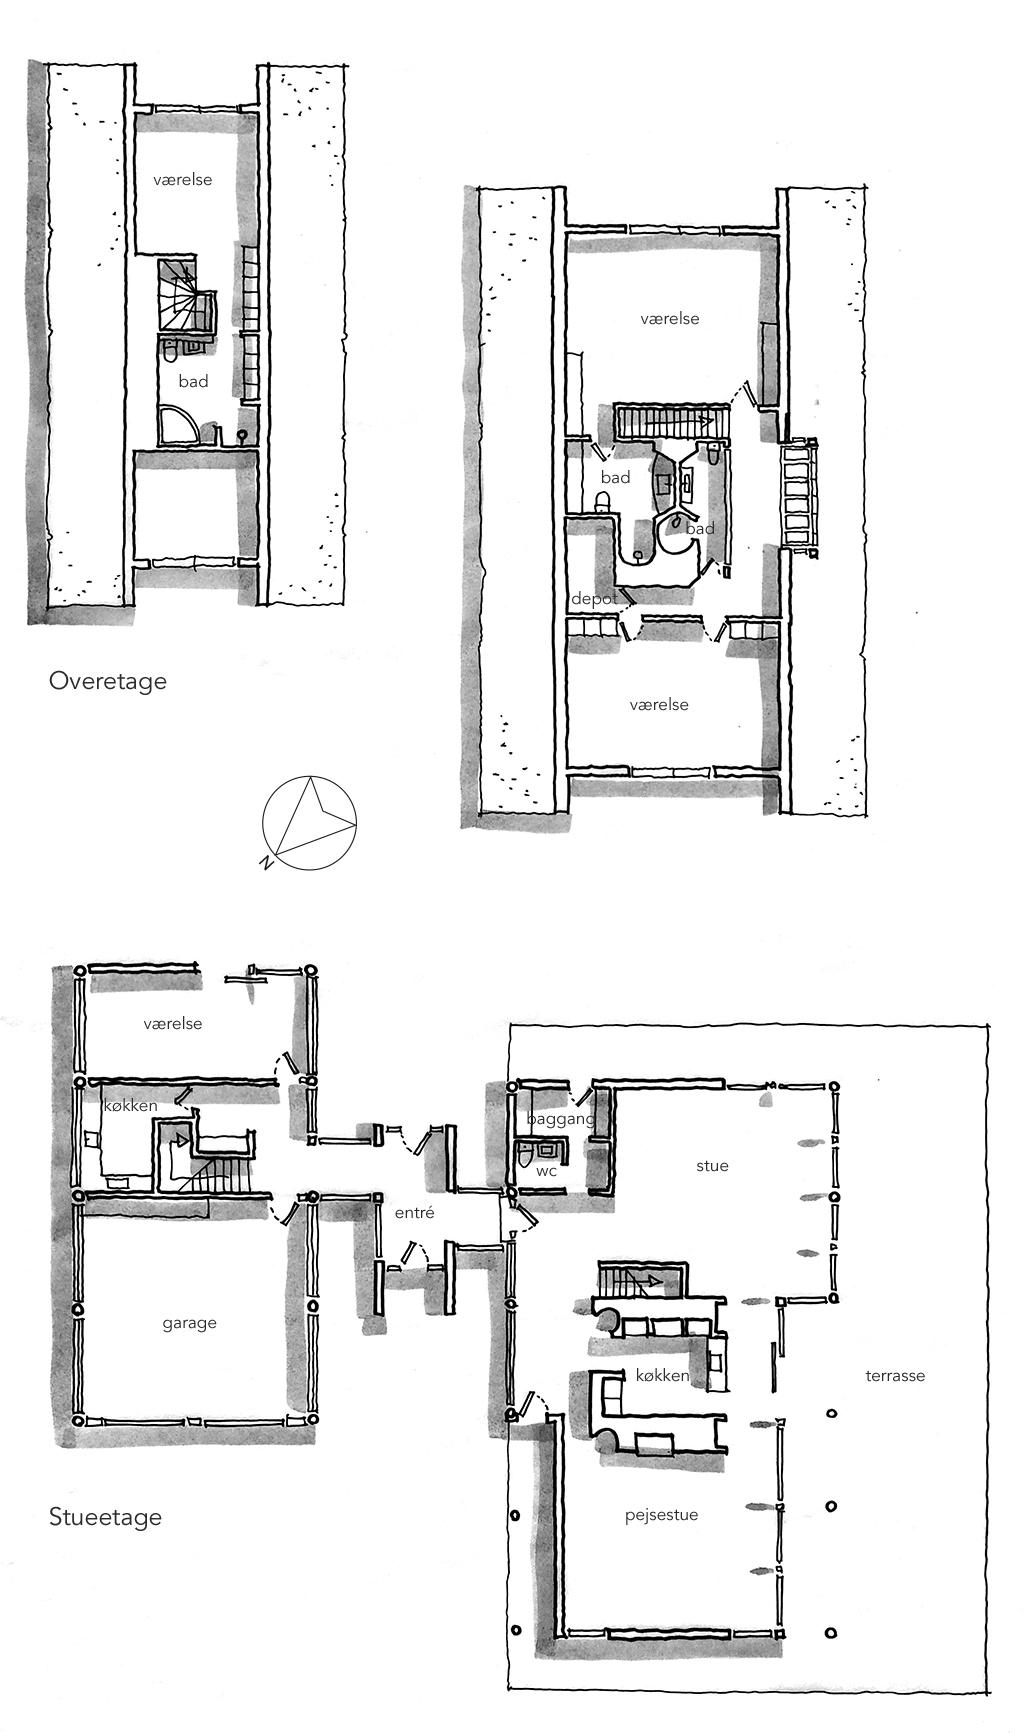 Planskitse, arkitekttegning, Landhus i Dronninggård Skov